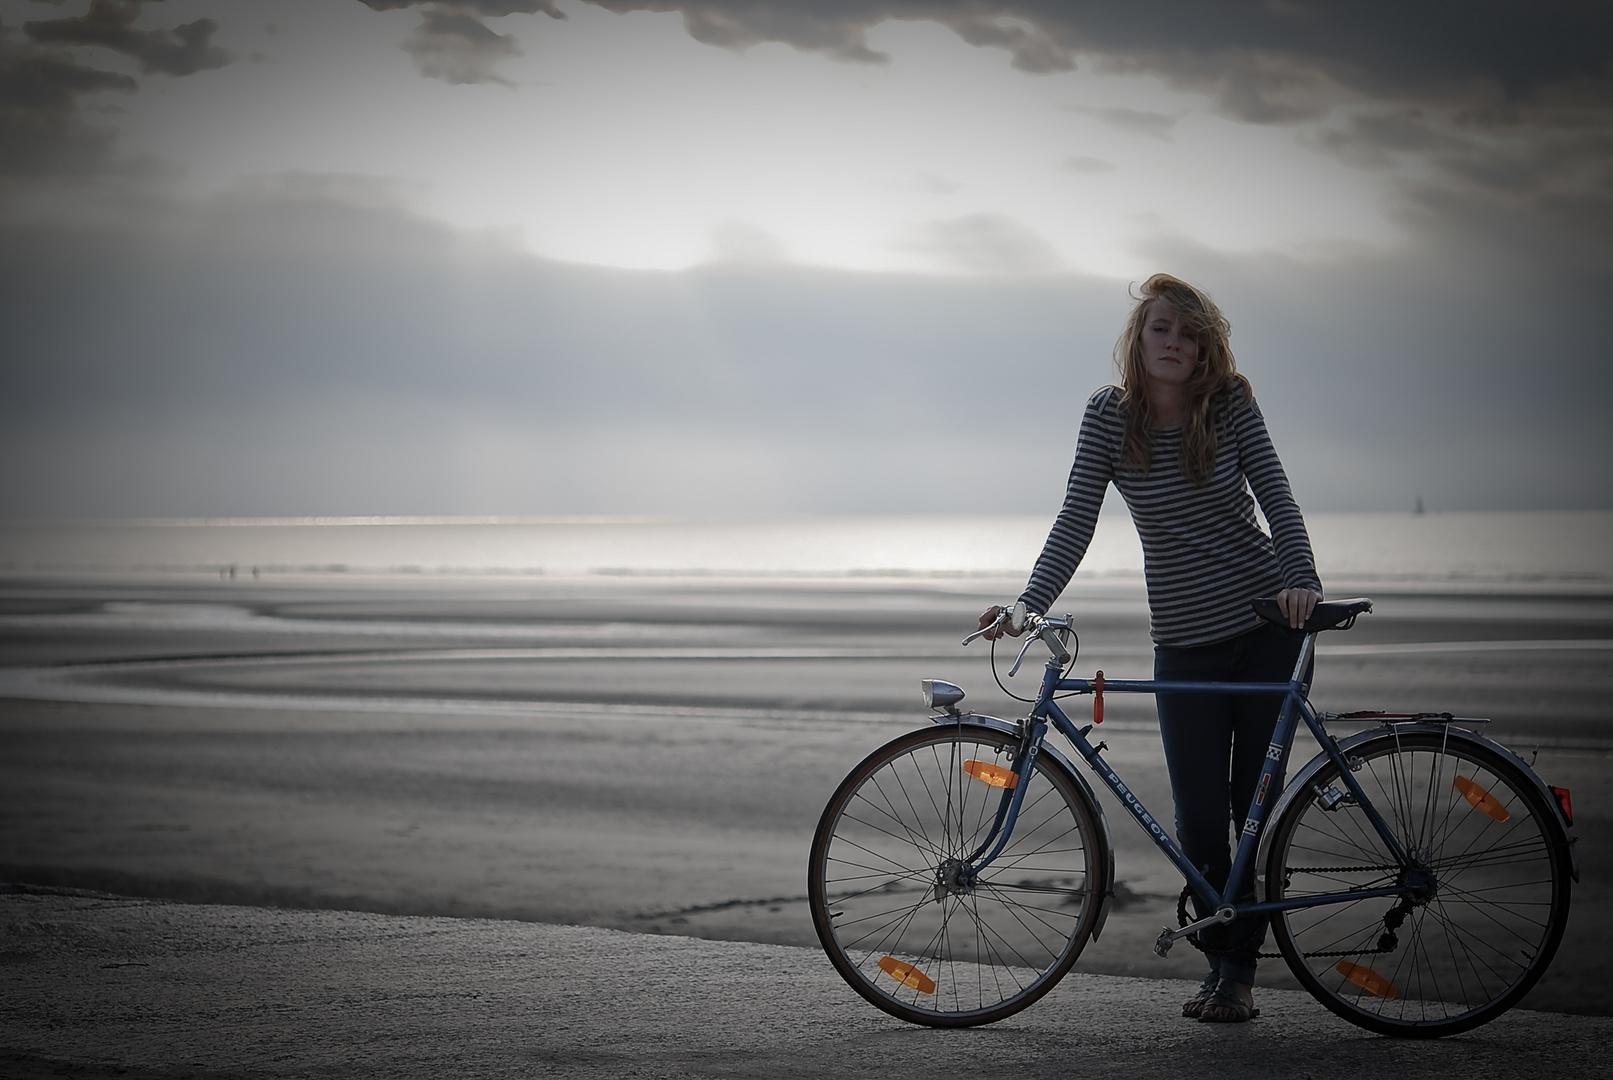 La demoiselle en bicyclette